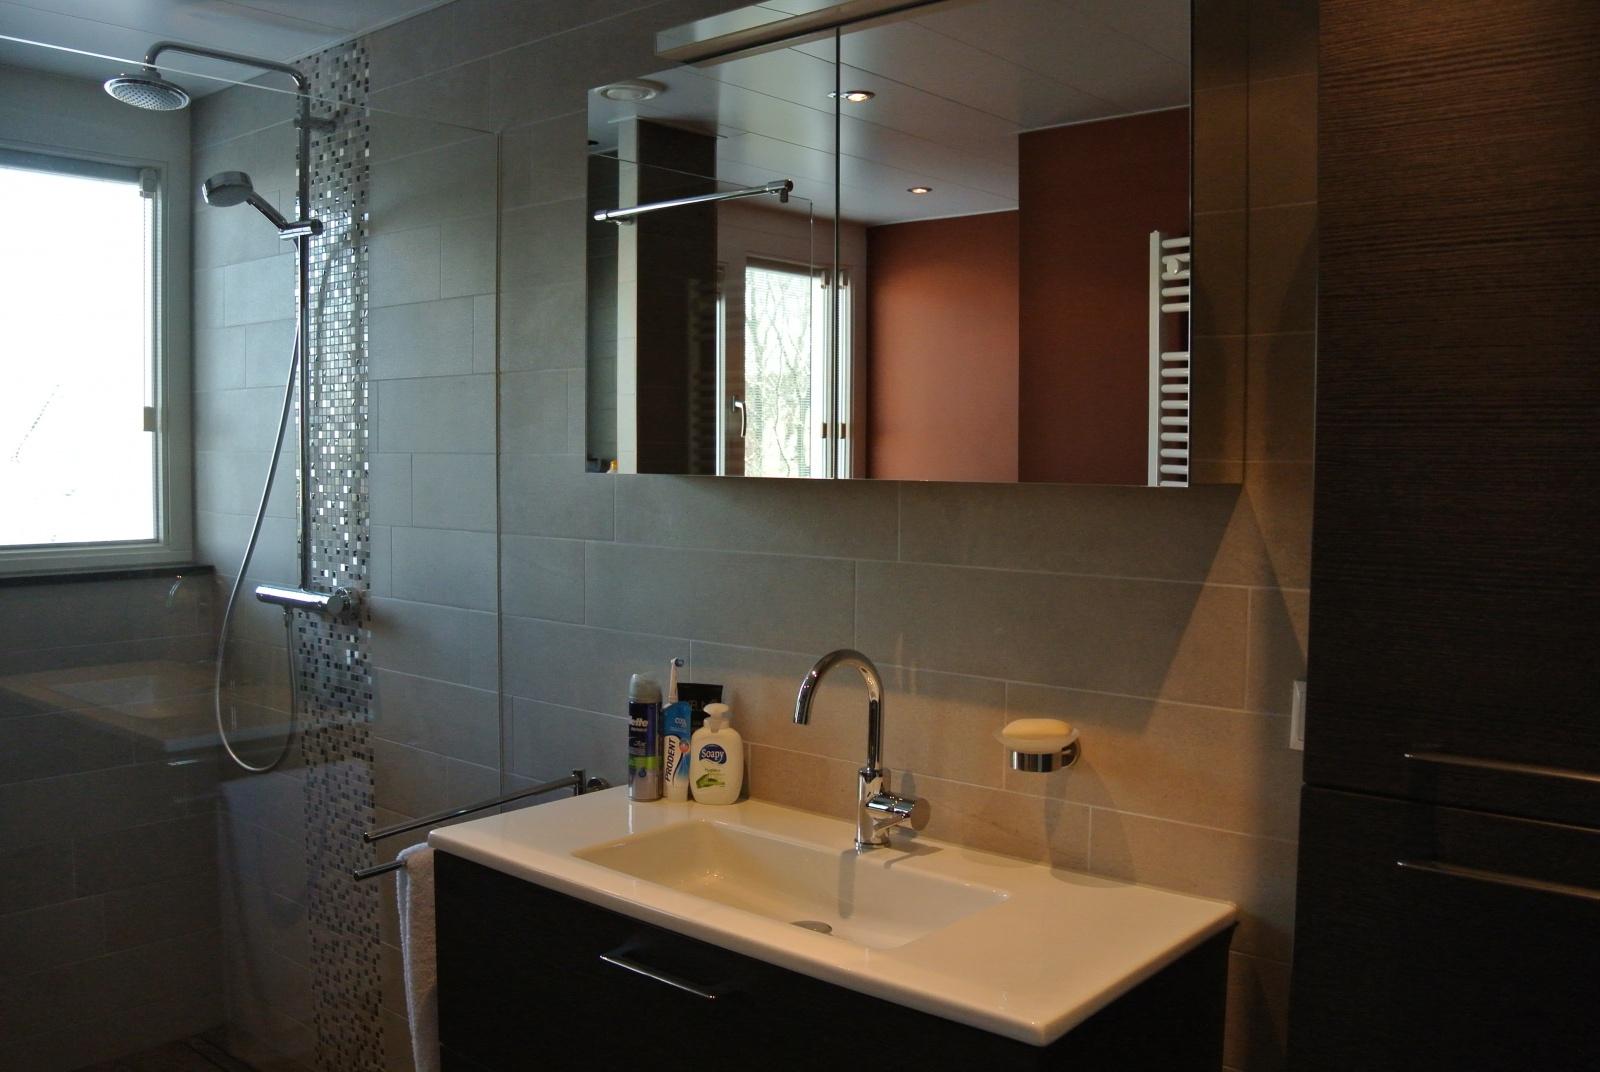 Badkamer Met Dakkapel : Home u e projecten u e dakkapel met badkamer sonke bouwbedrijf